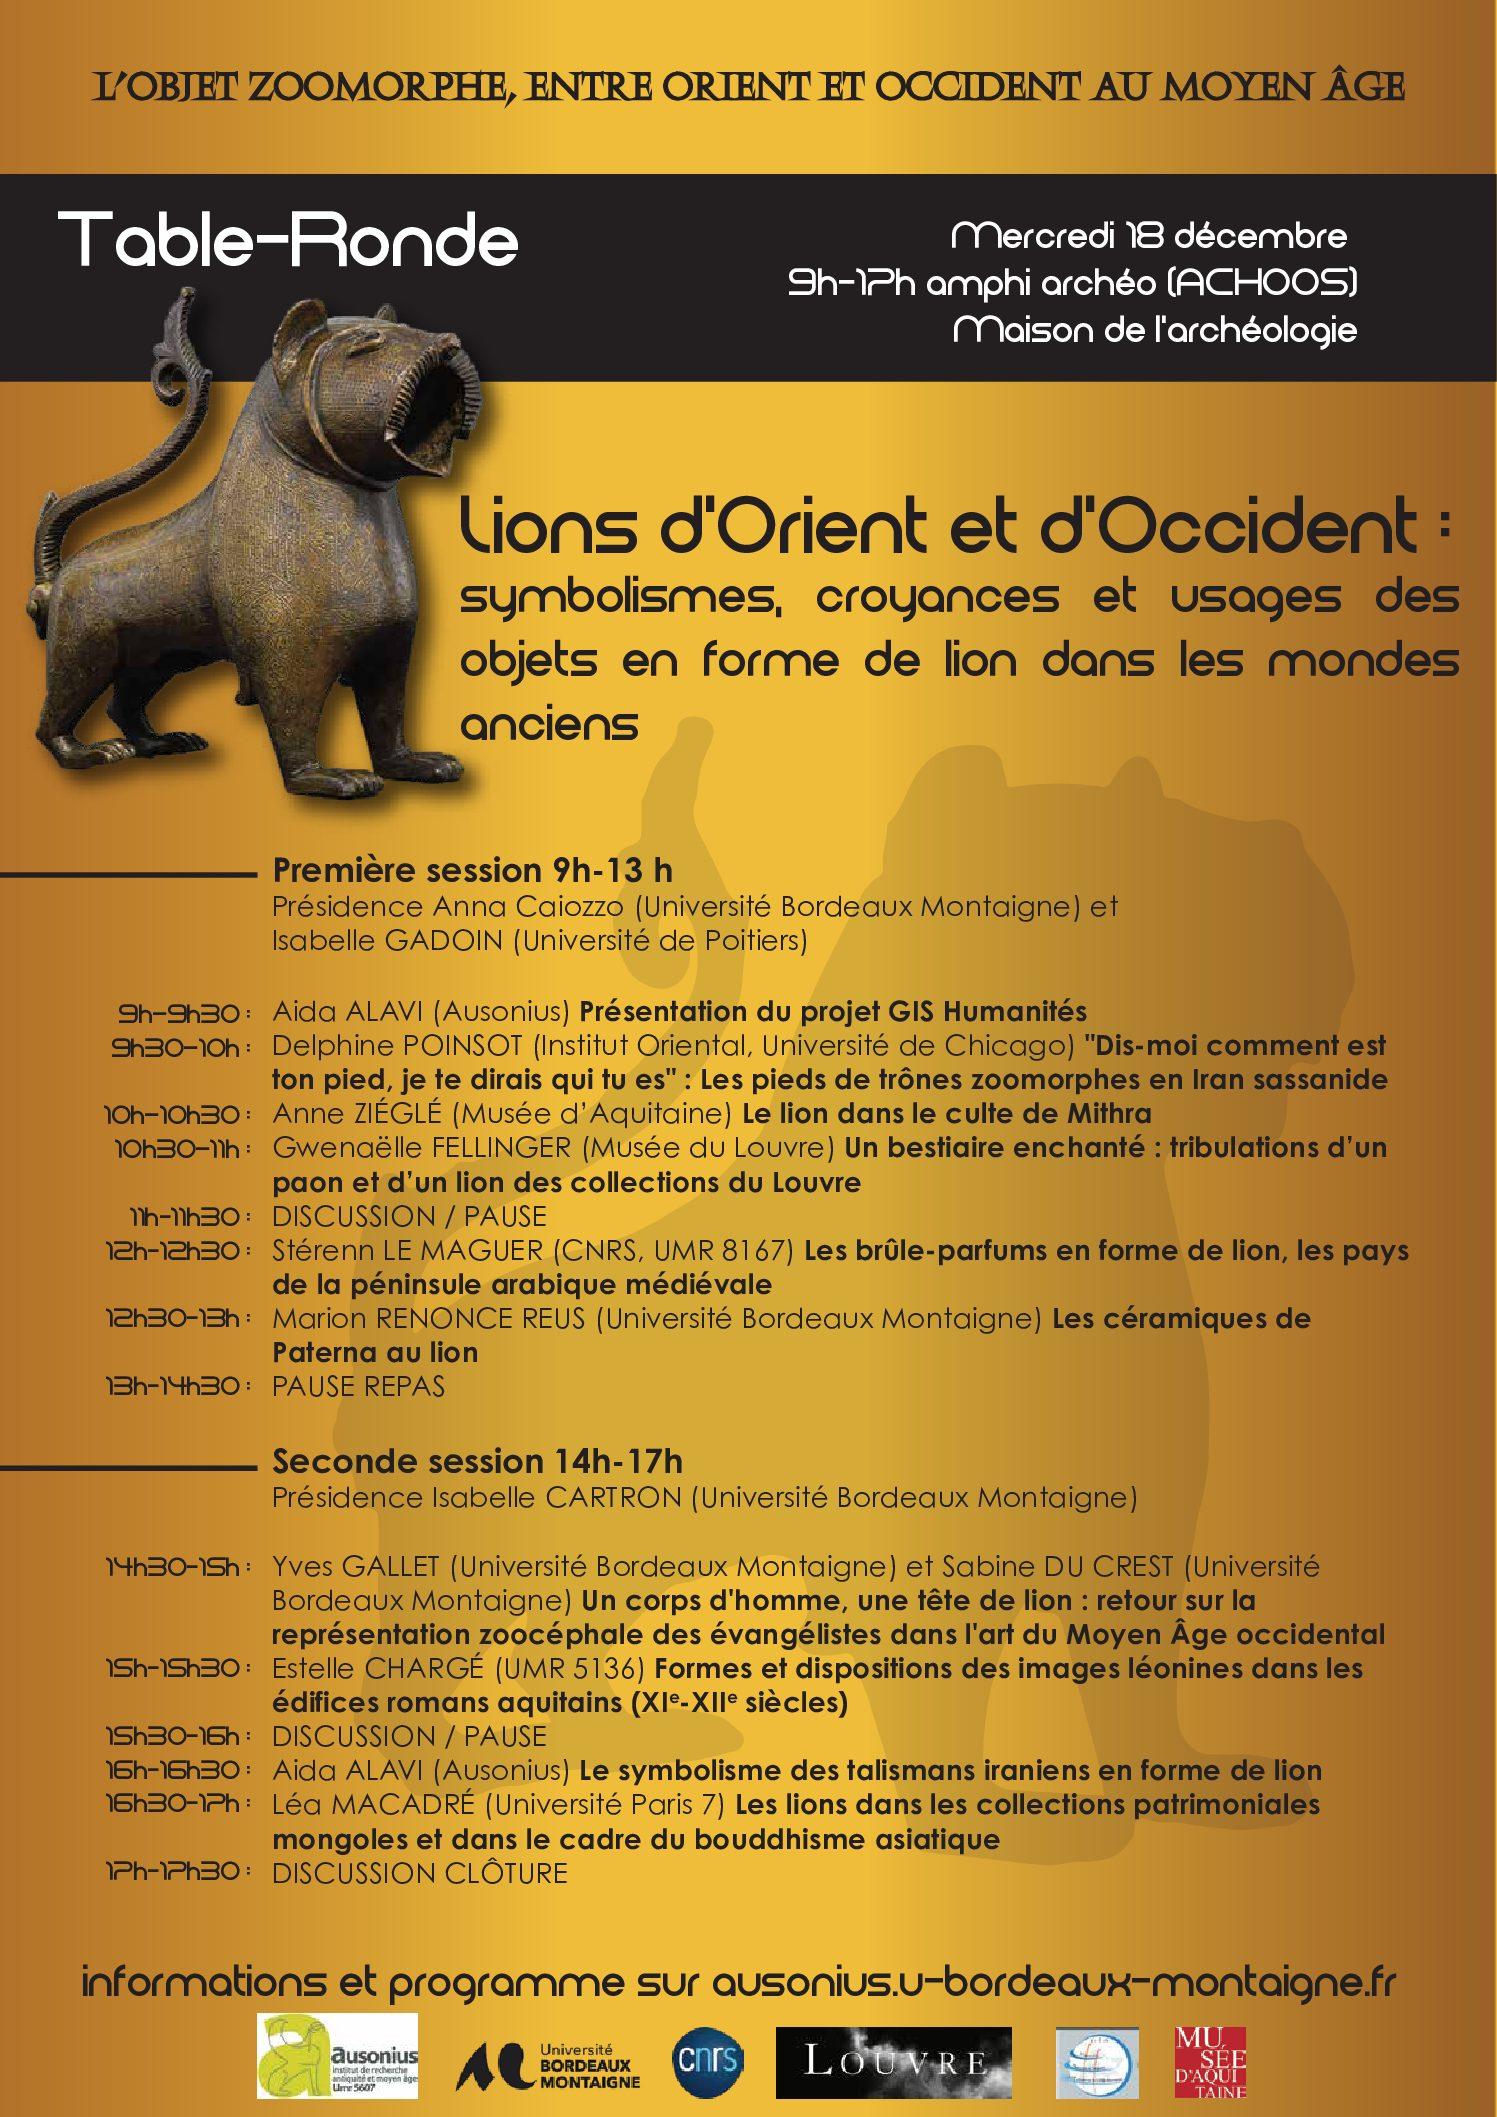 Table-ronde : «Lions d'Orient et d'Occident», Bordeaux, 18/12/2019